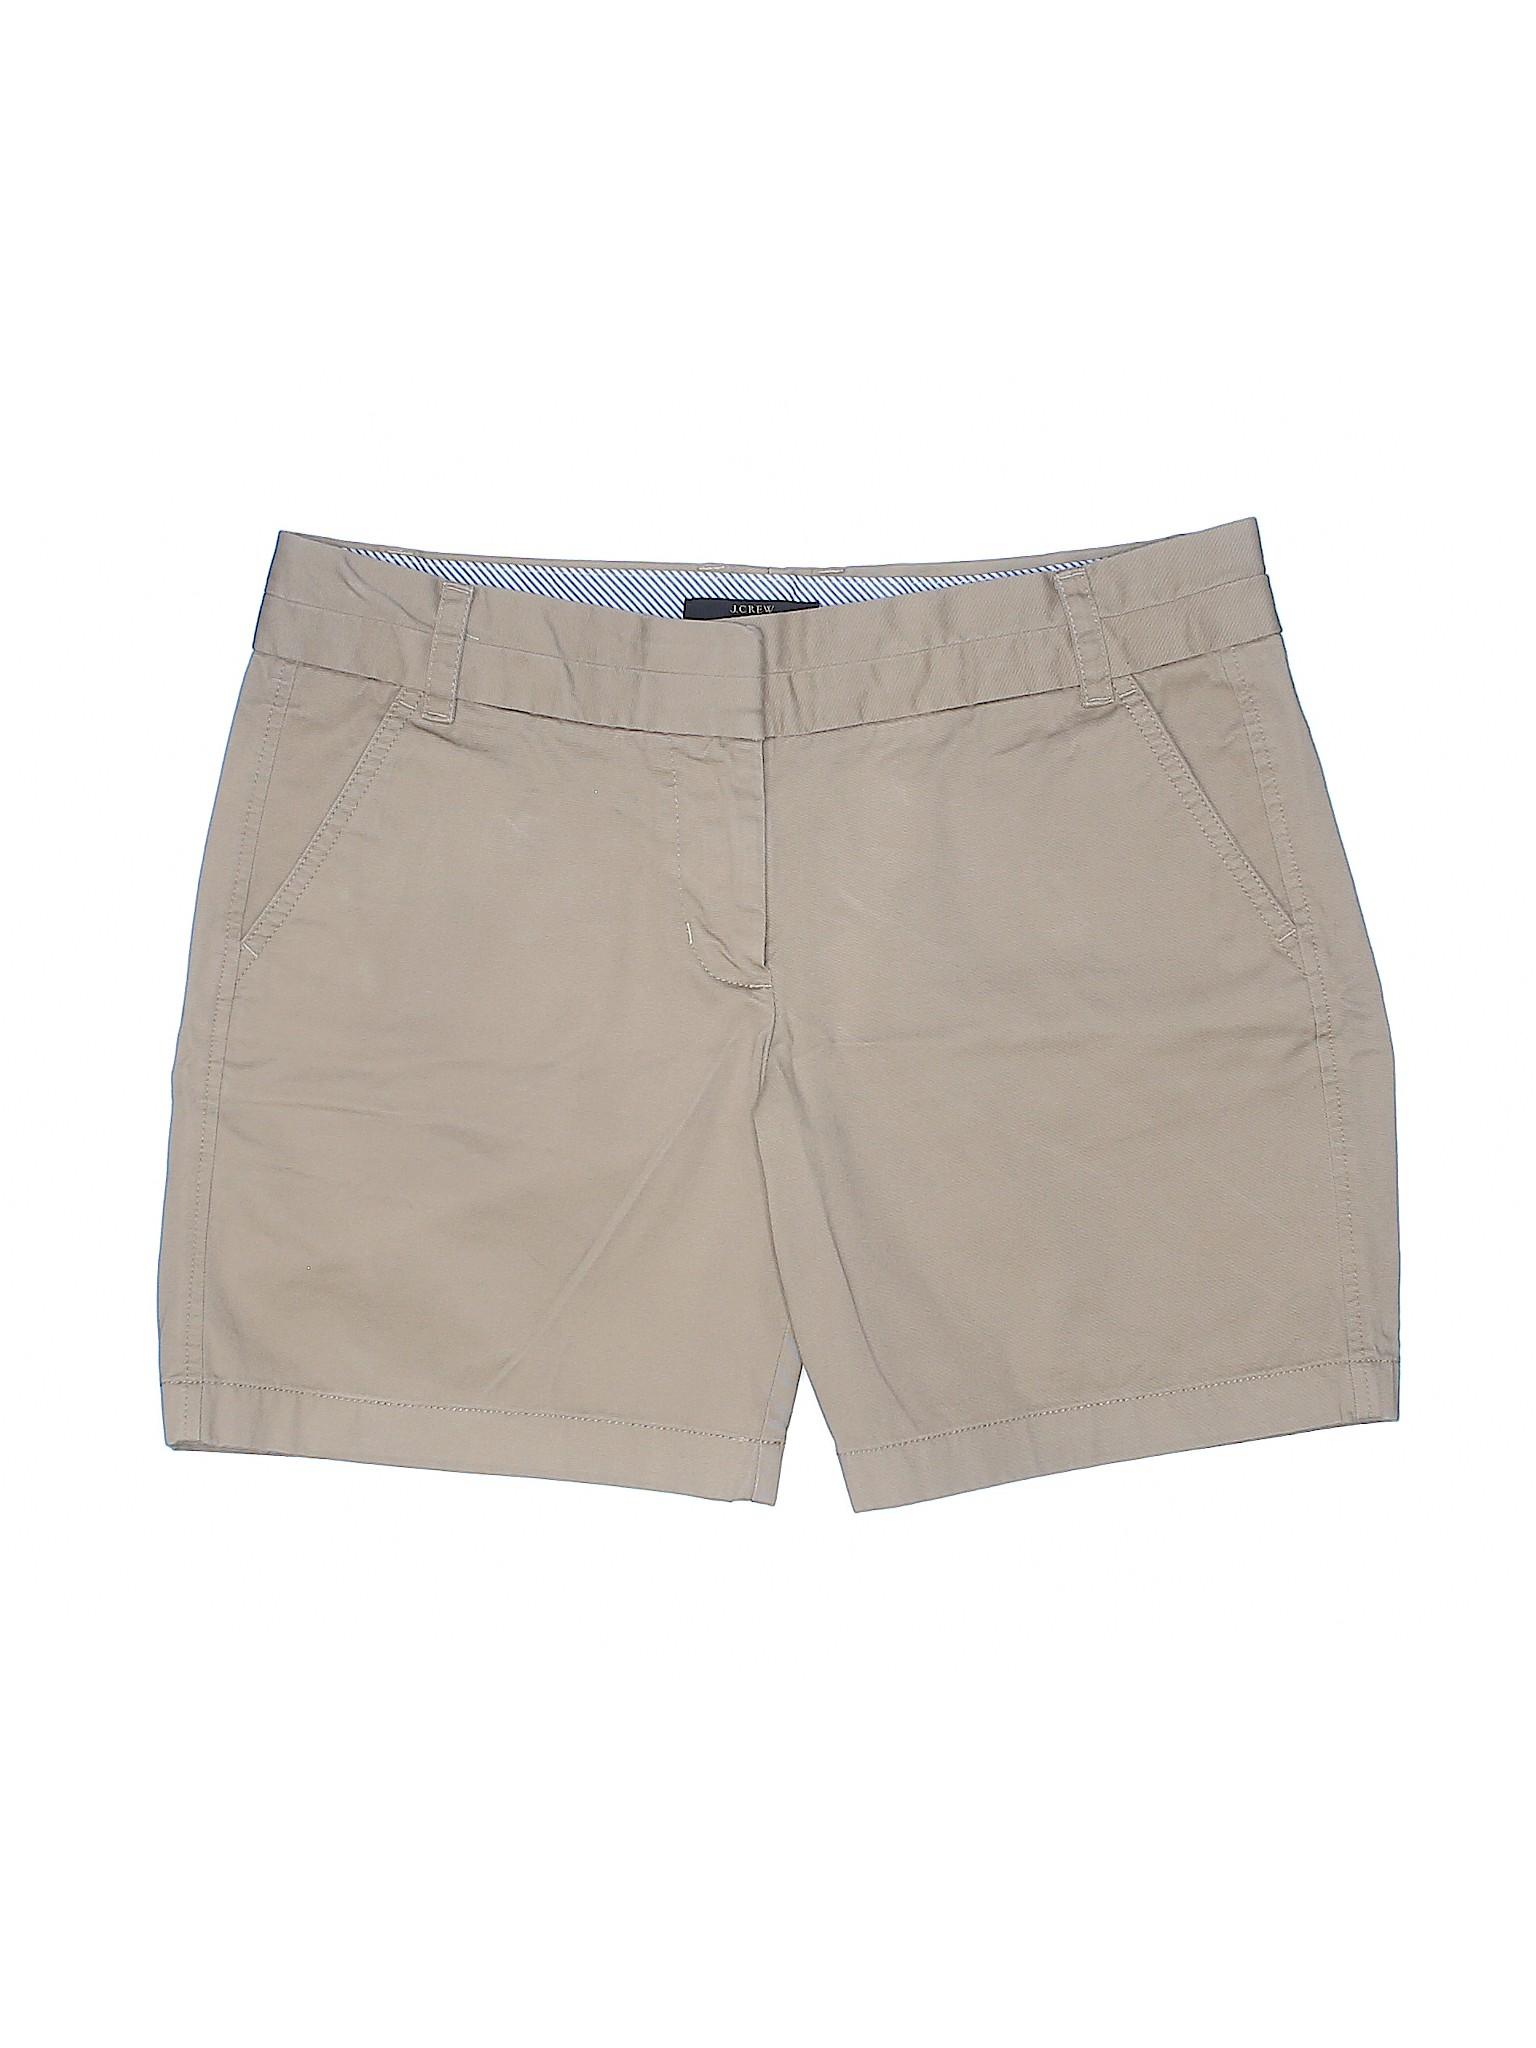 J Crew J Khaki Shorts Boutique Crew Boutique Khaki wX4fqES